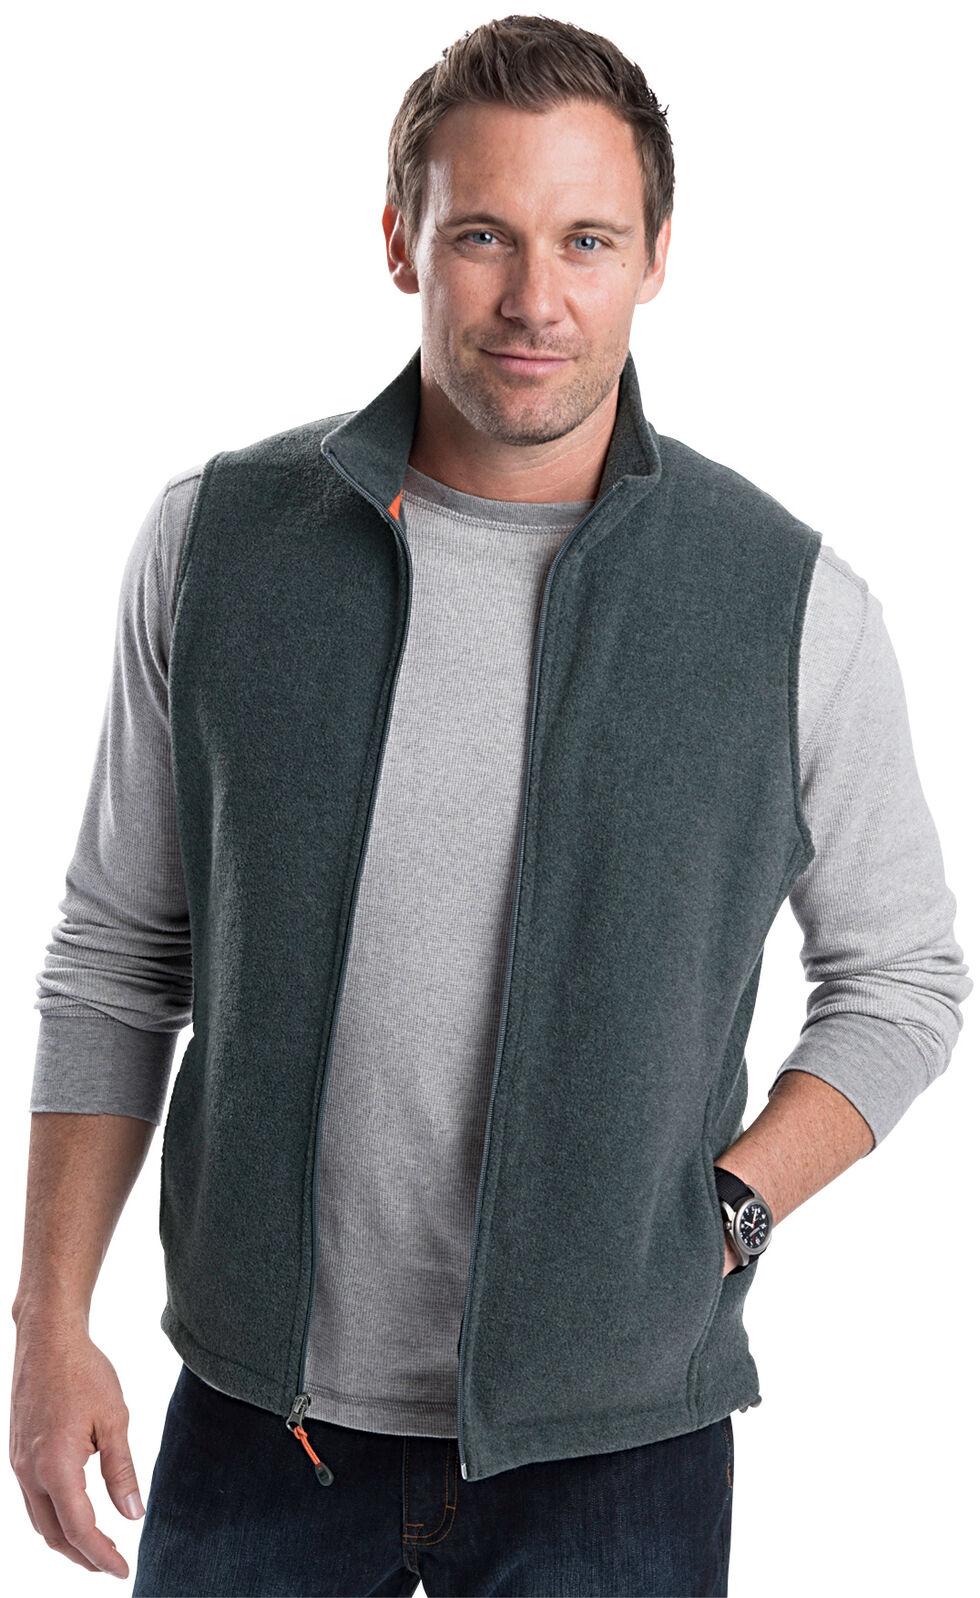 Woolrich Men's Andes II Fleece Vest, Hthr Grey, hi-res